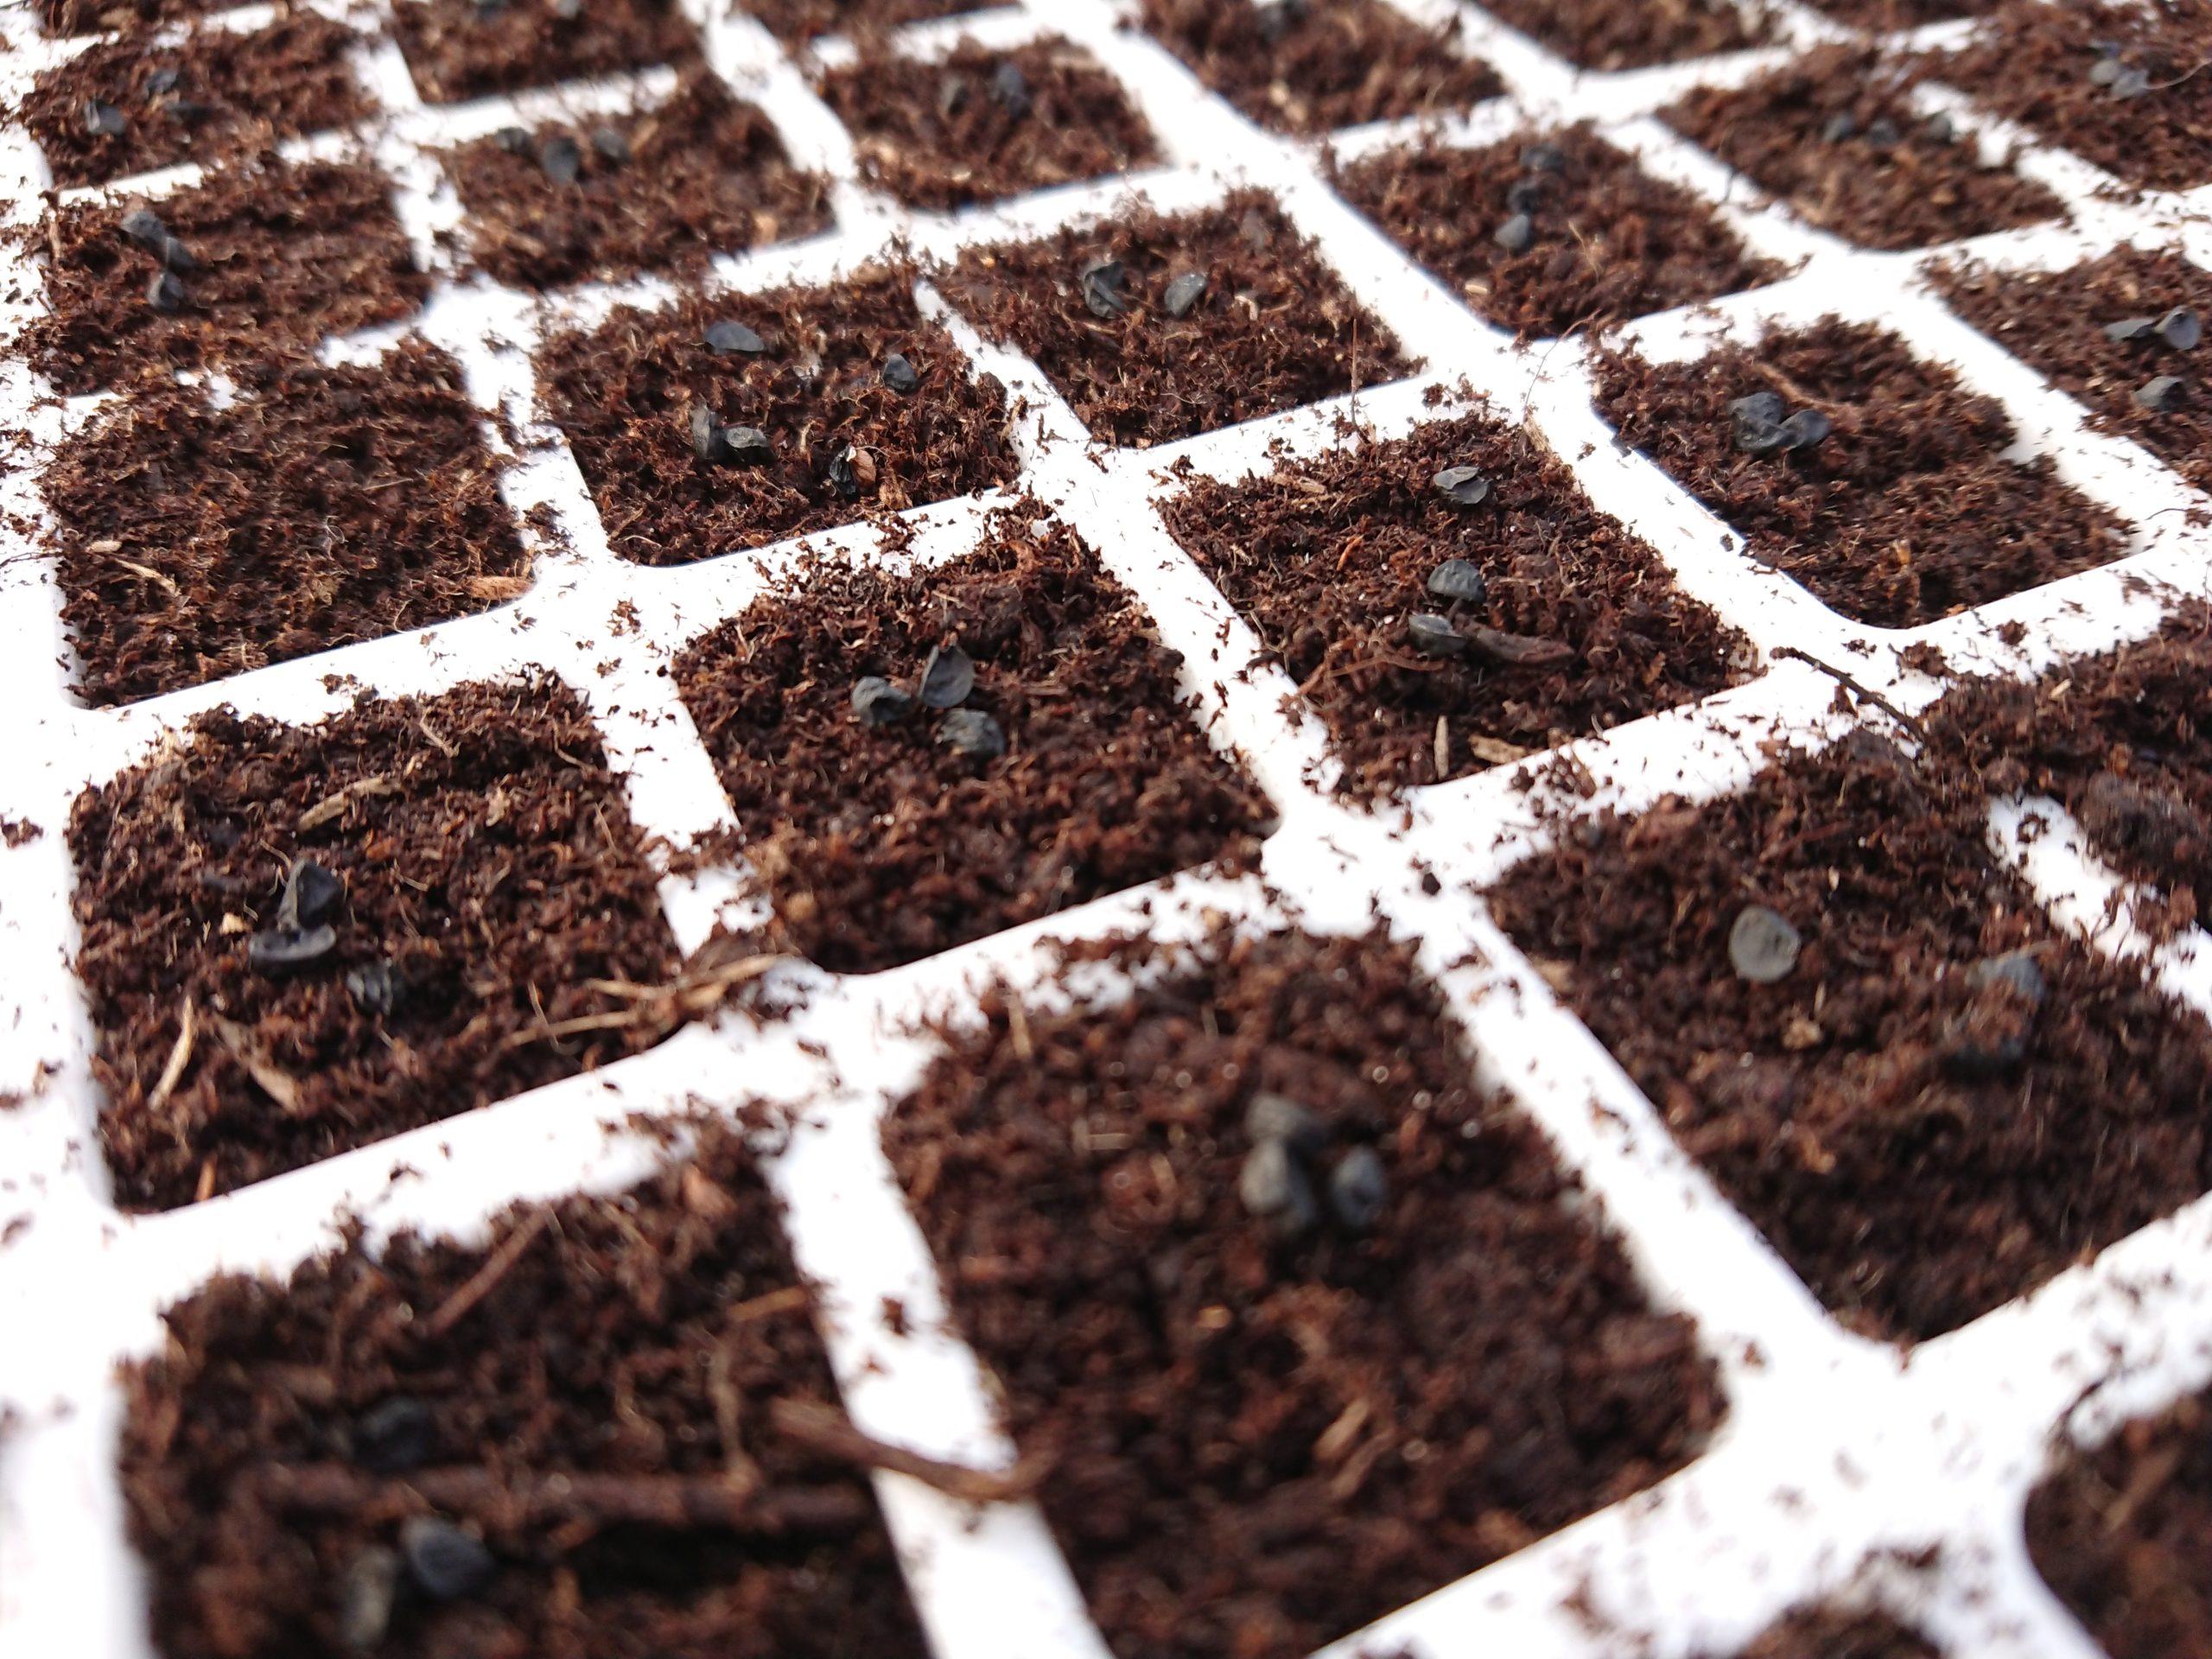 Des petites graines noires dans des alvéoles en gros plan